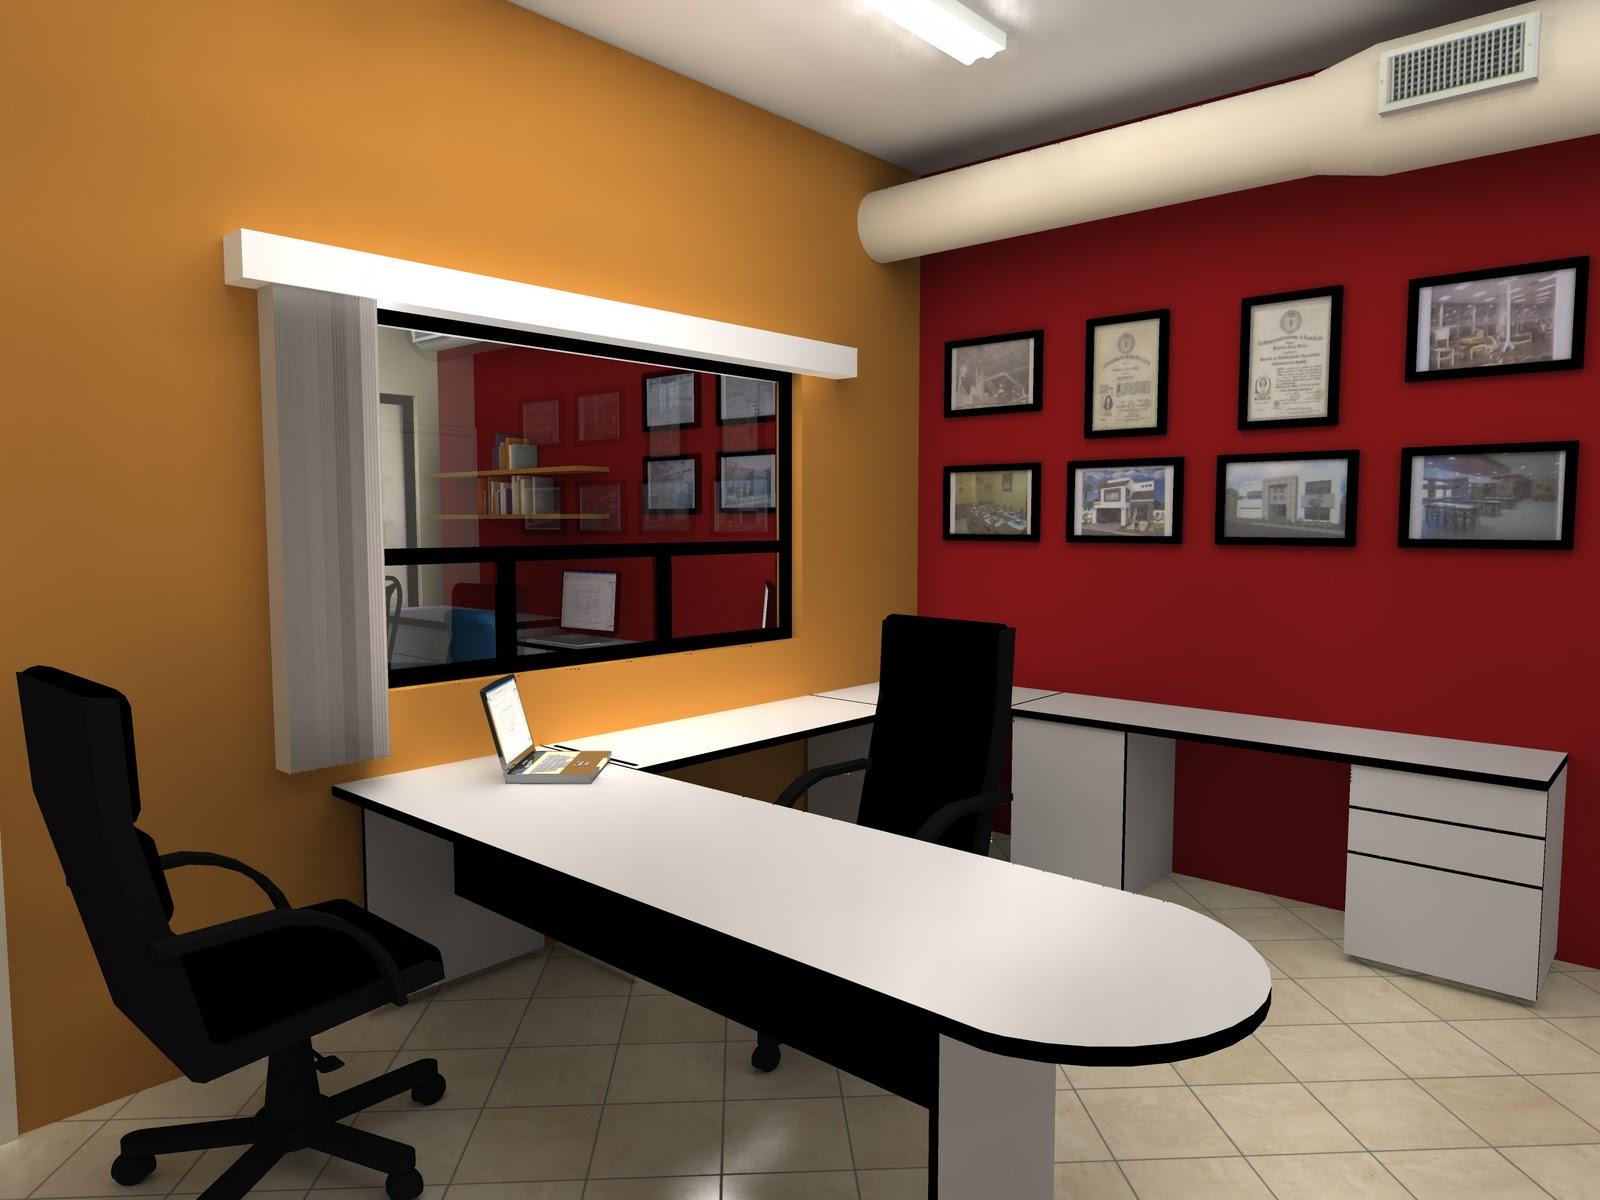 Proyecto lambda remodelacion oficina for Combinacion de colores para oficinas modernas